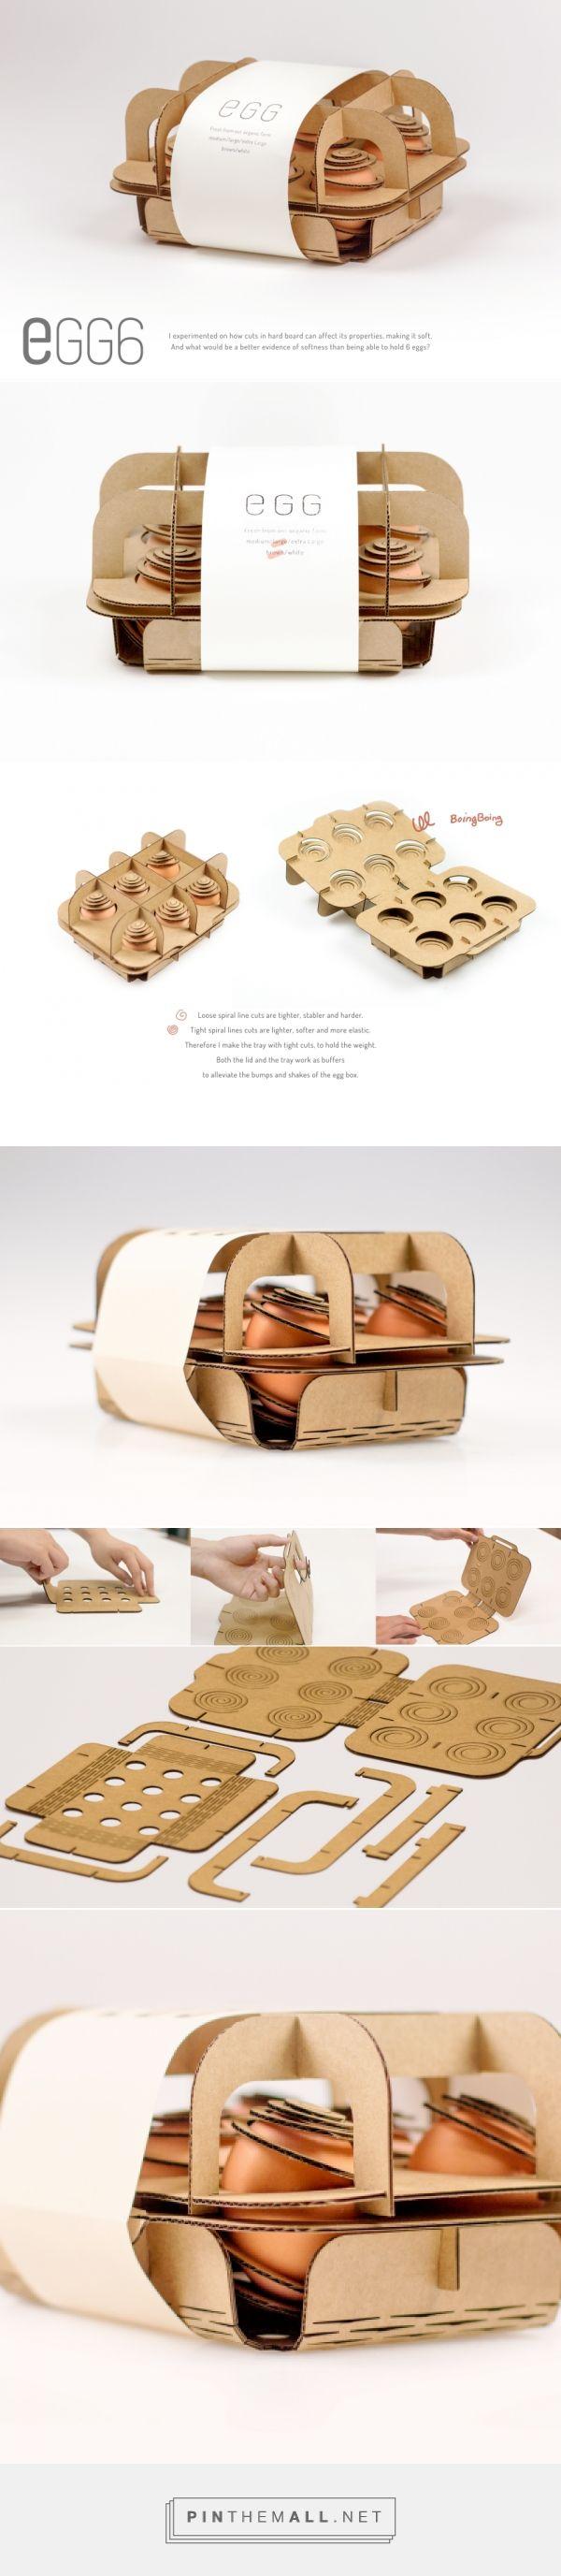 Idea de packaging de cajas, ¿Quieres más ideas? Contáctanos: https://www.cajadecarton.es/contactar?utm_source=Pinterest&utm_medium=social&utm_campaign=20160617-cajadecarton_contactar